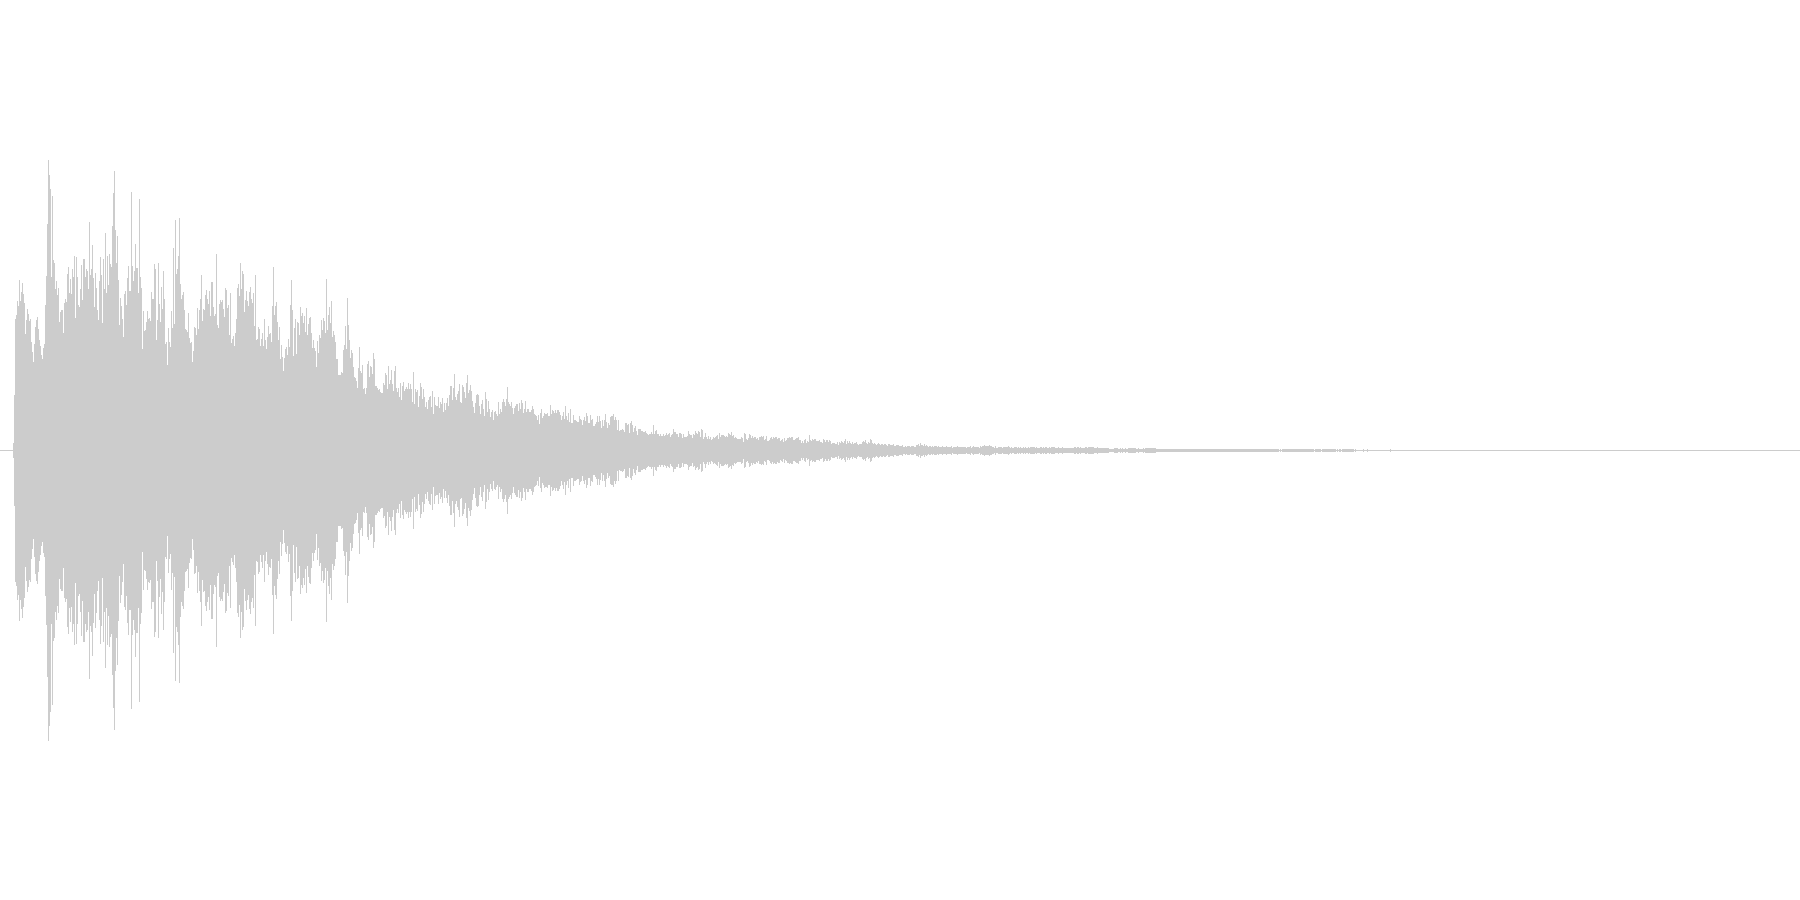 キラキラとしたアプリ、ゲームのスタート音の未再生の波形